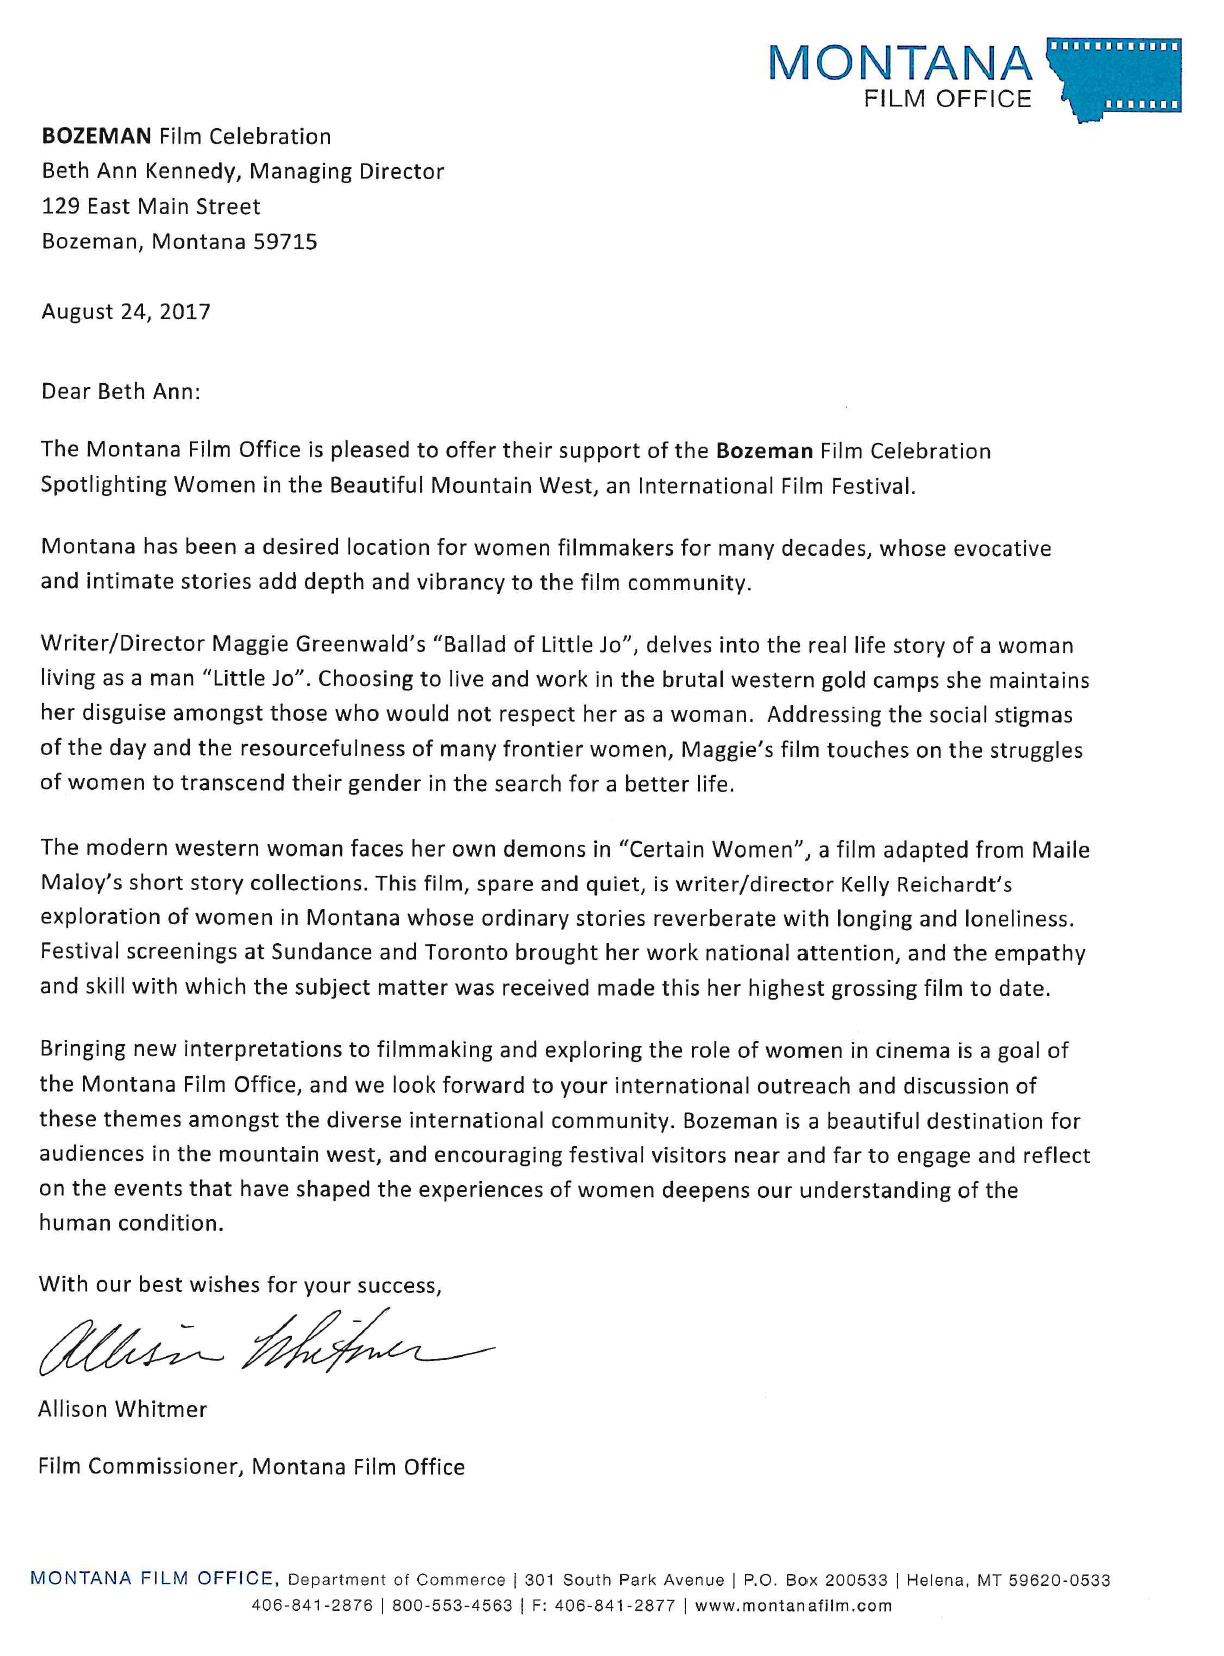 Montana Film Office Letter